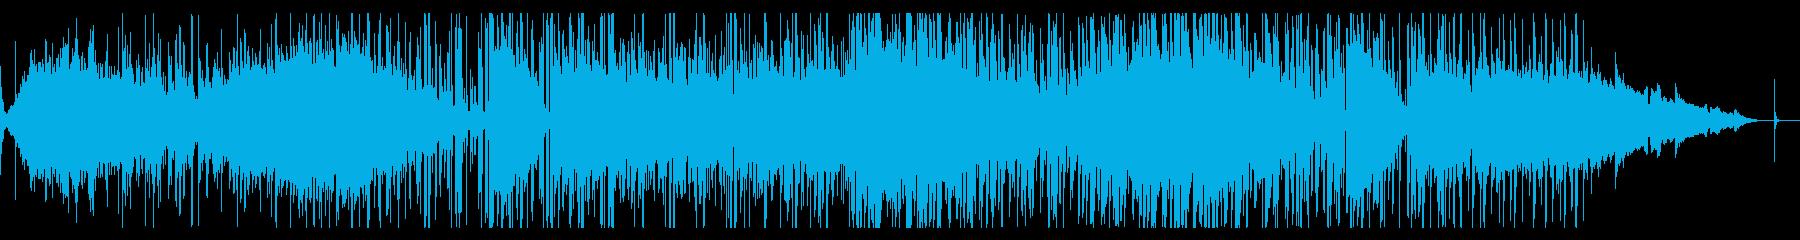 グリッジなシネマティックアンビエントの再生済みの波形